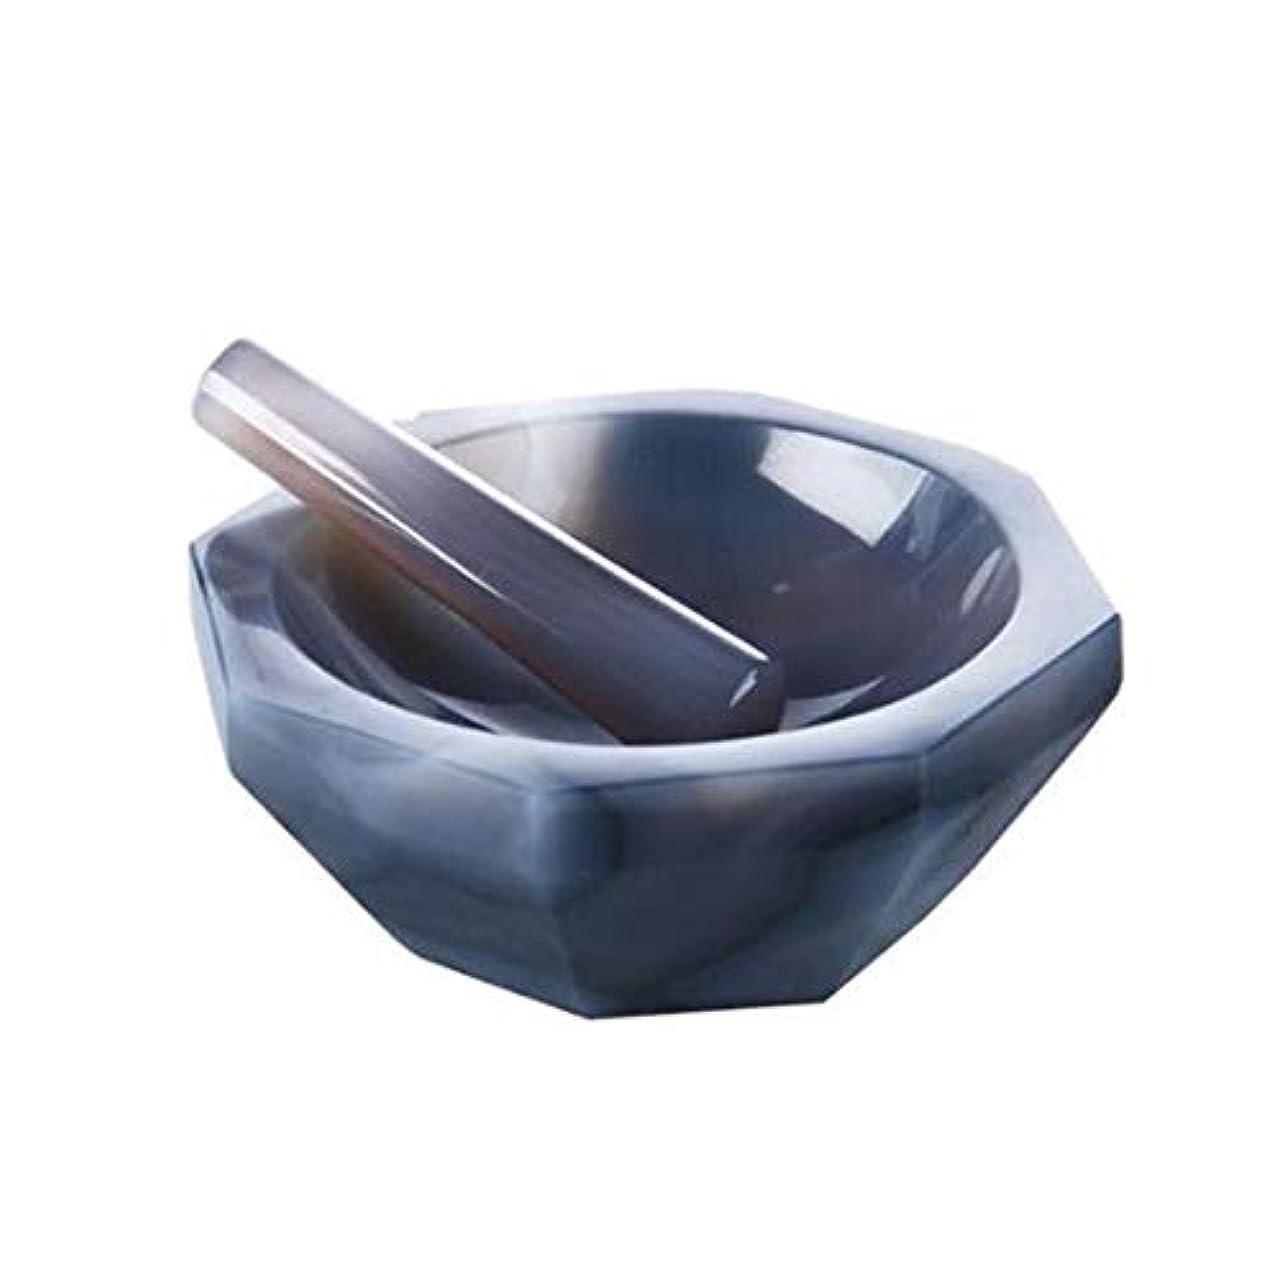 結婚するドライブ骨髄BMGAINT 手動モルタルと乳棒セット-めのう 乳鉢セット 瑪瑙モルタルラボ研削用 乳棒付き 深さ37 mm